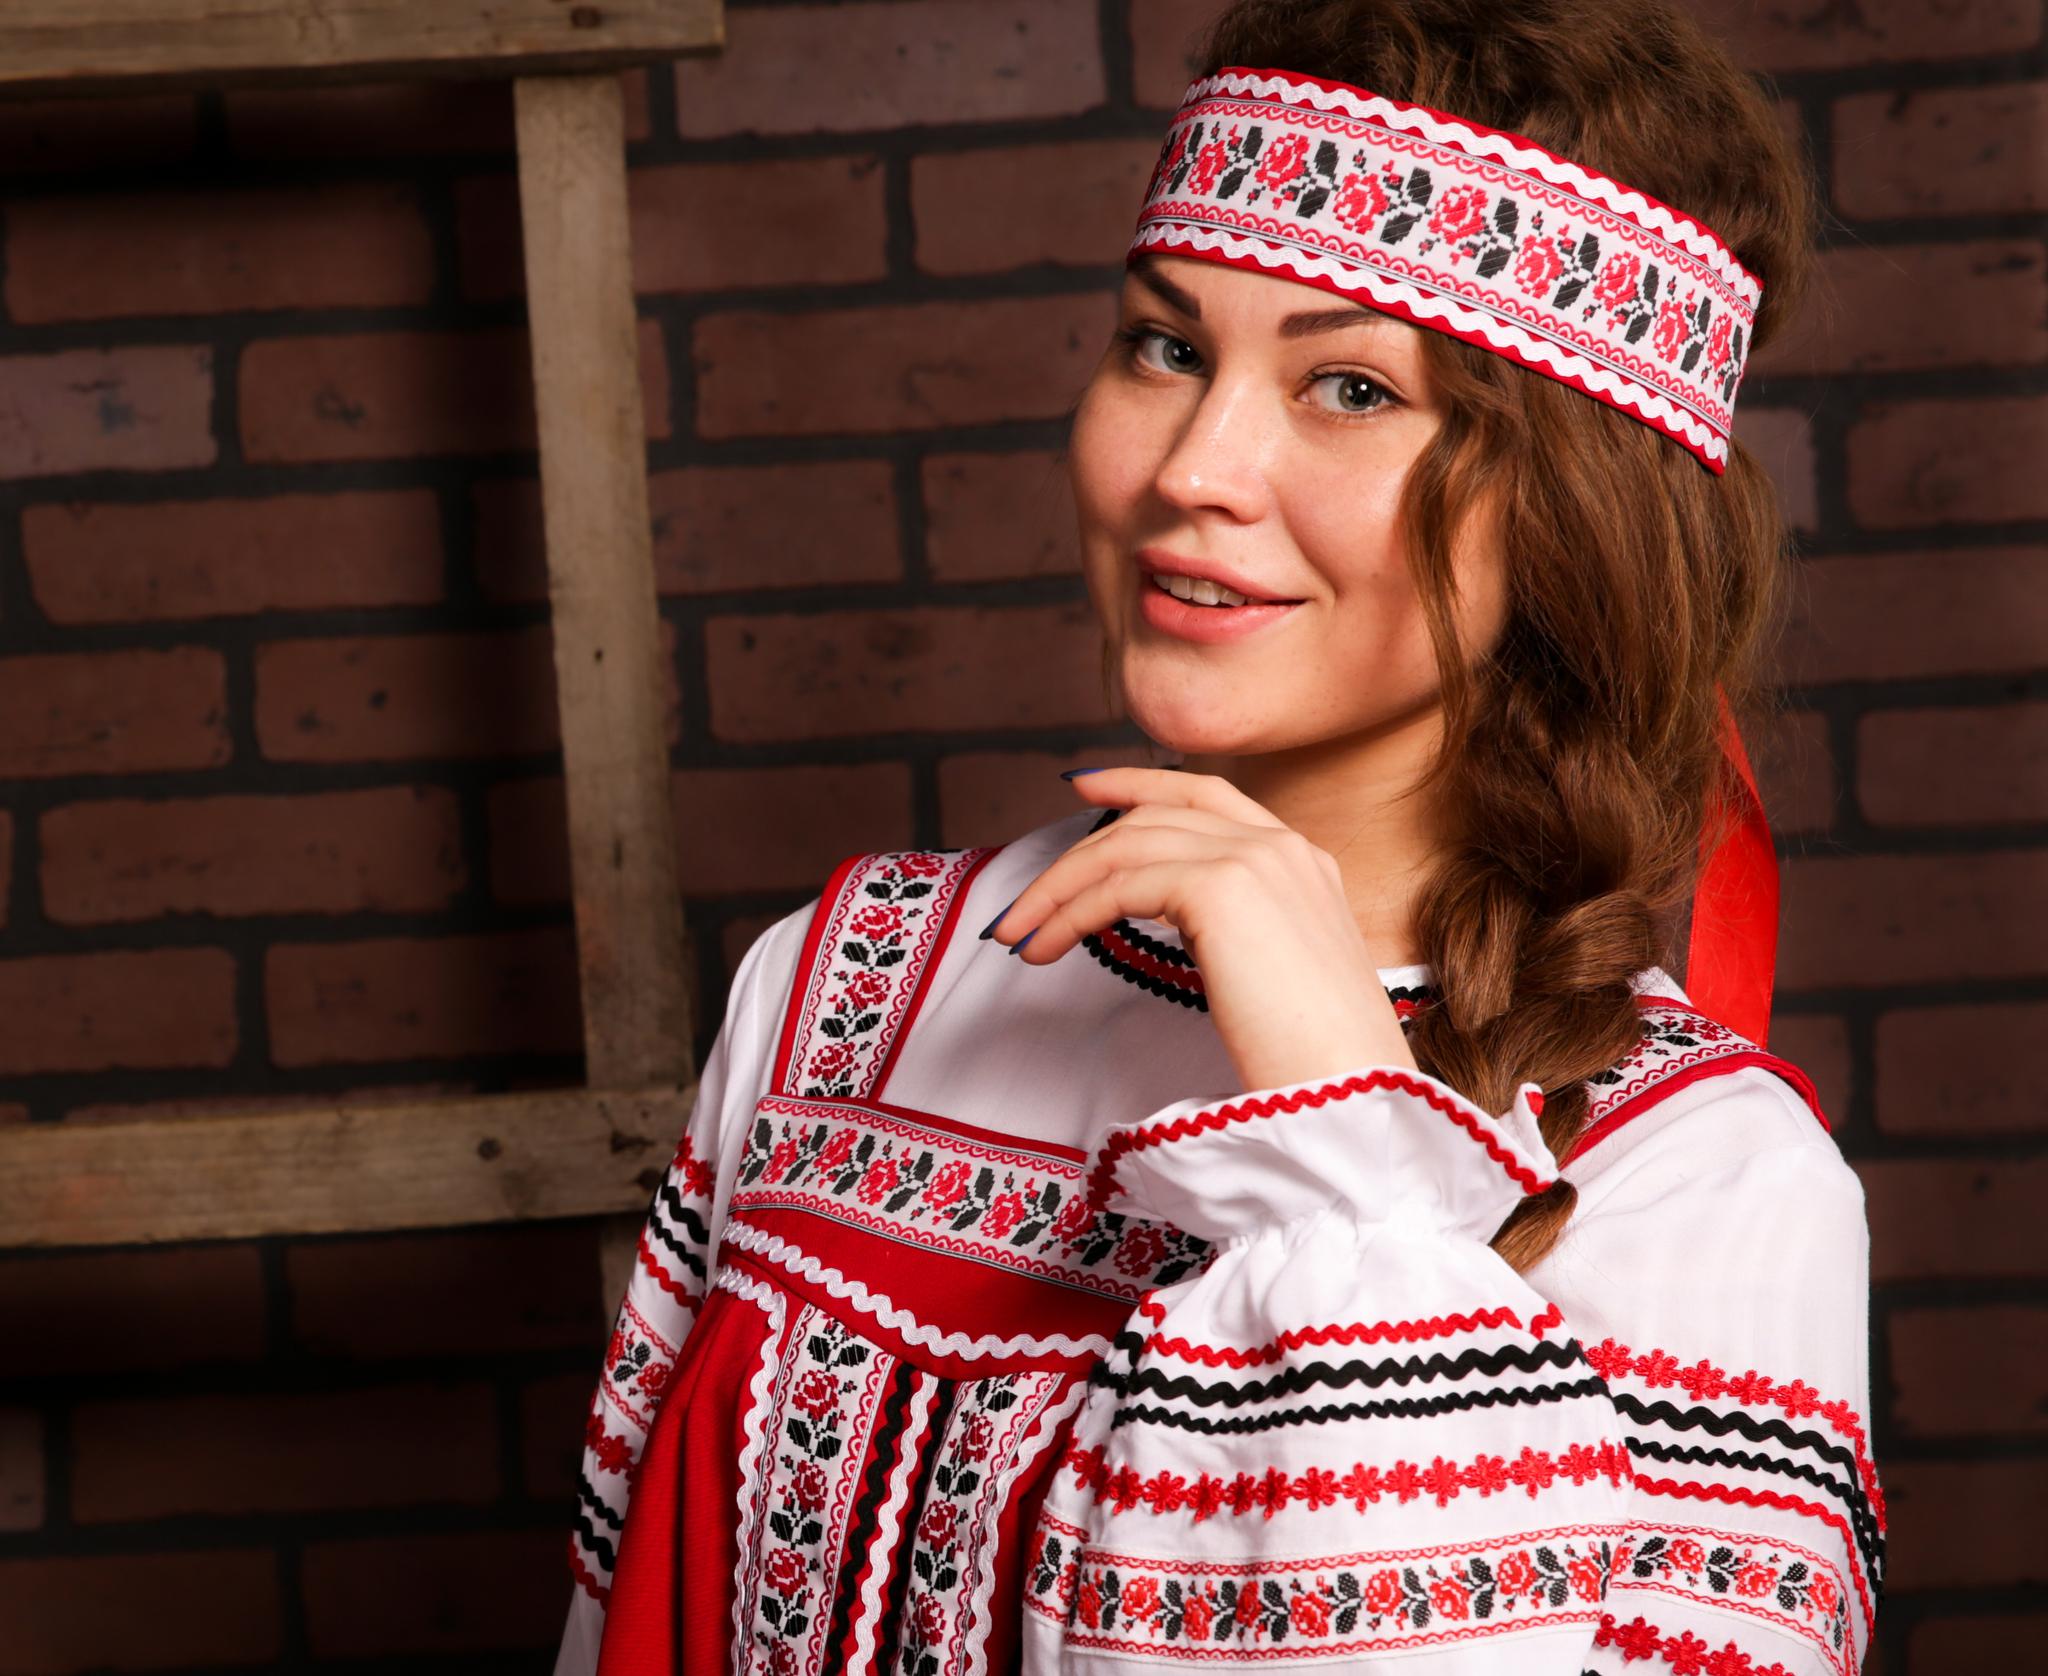 русские традиционные наряды с орнаментом Иванка приближенный фрагмент